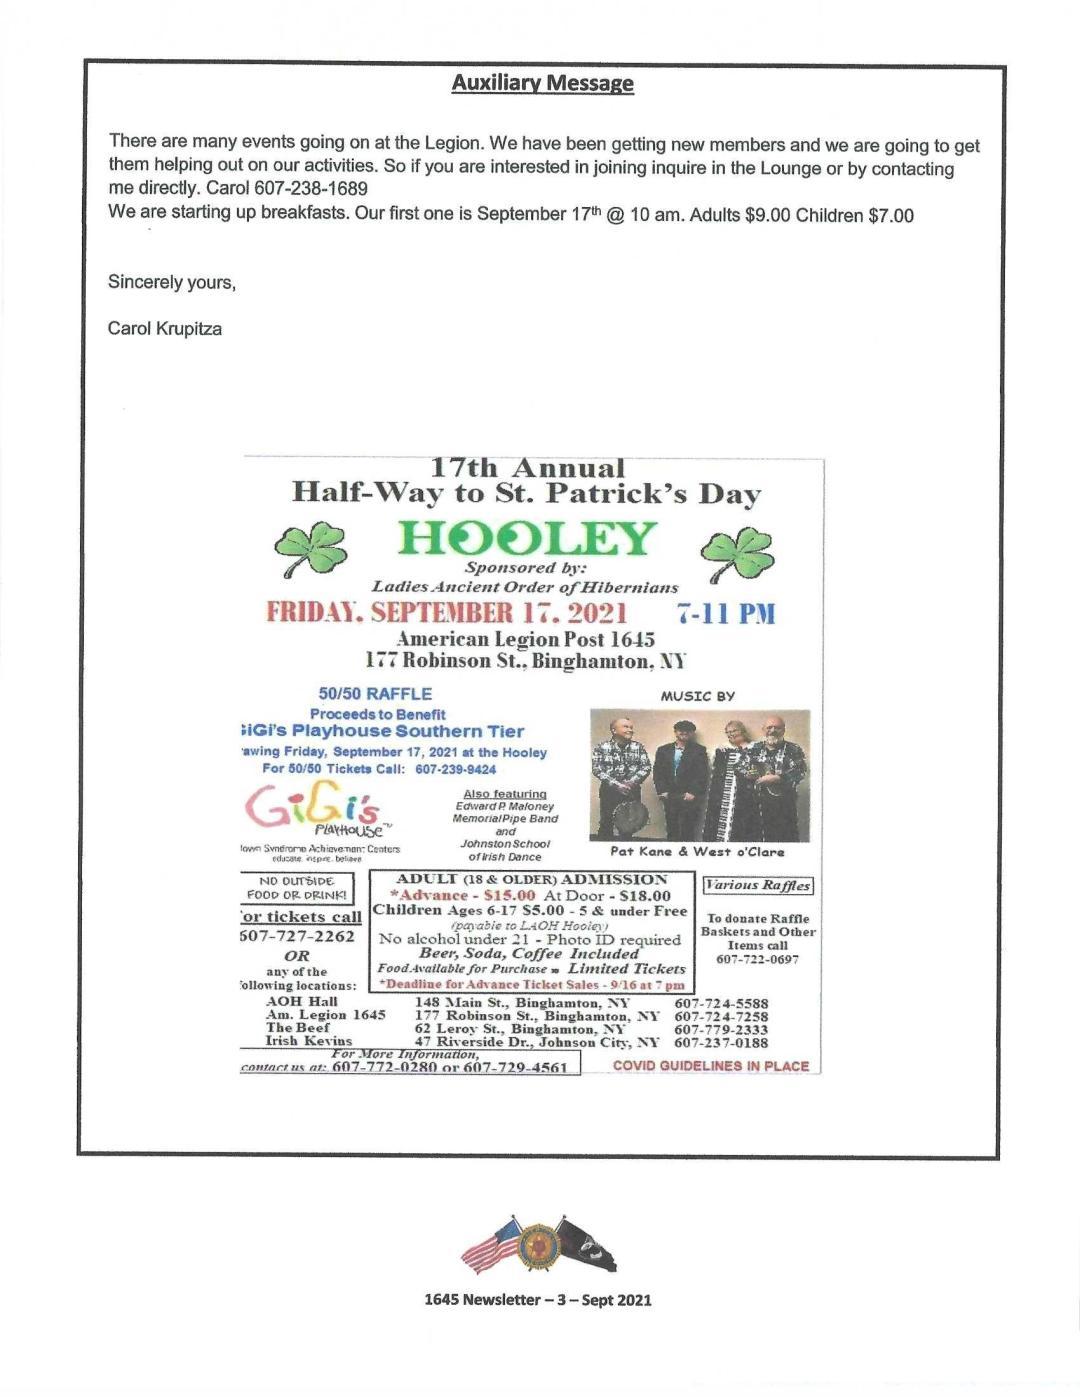 SEP 0003 - Newsletter